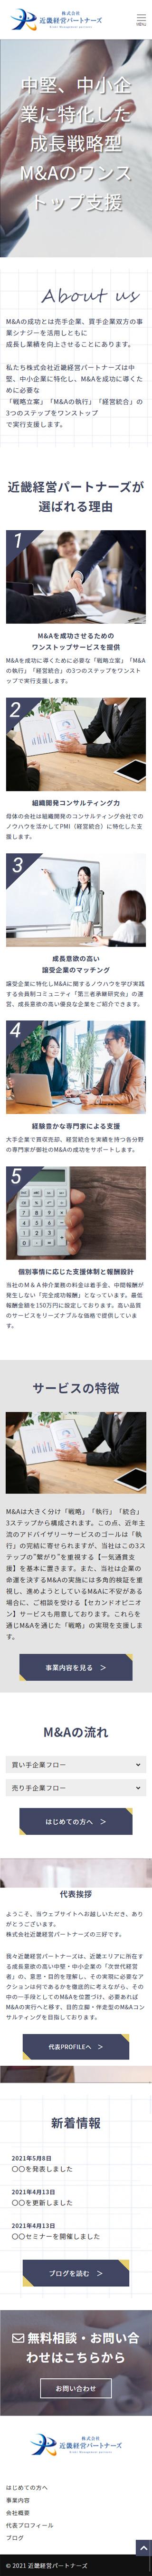 ホームページ制作実績大阪府のM&A仲介・コンサル会社